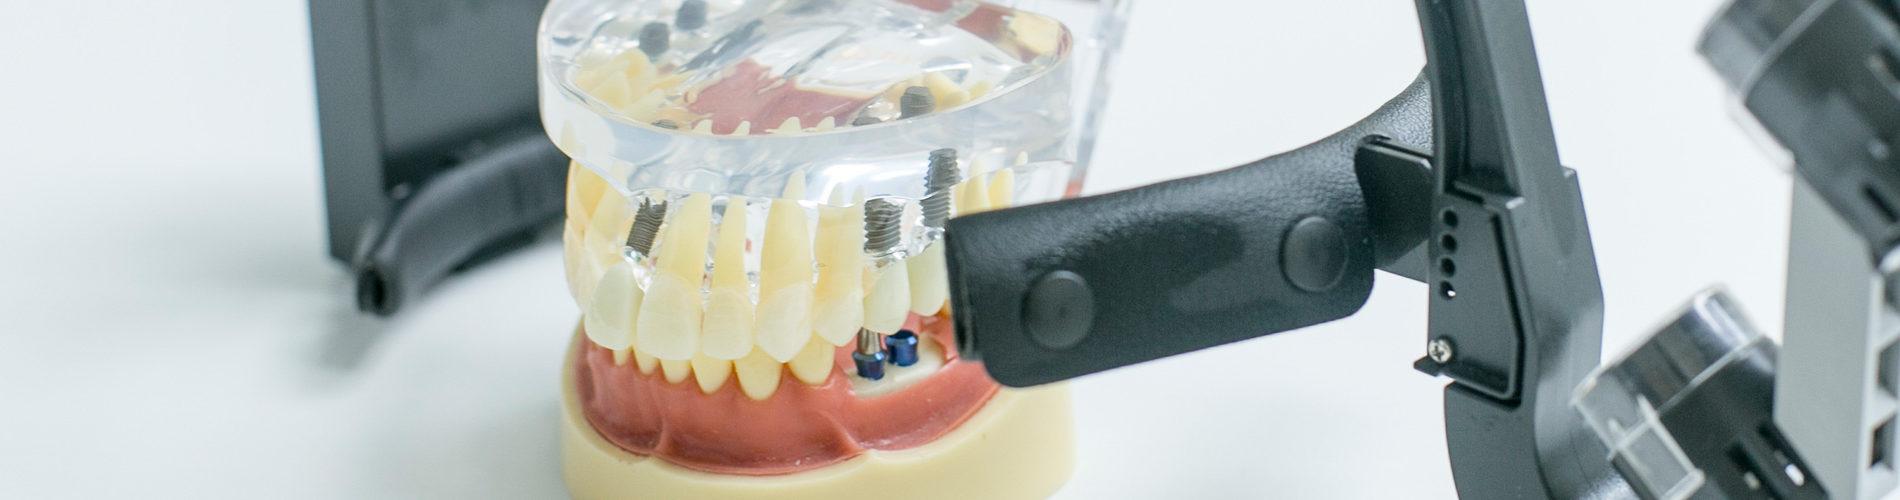 Протезирования передних зубов в Москве - клиника доктора Бронникова